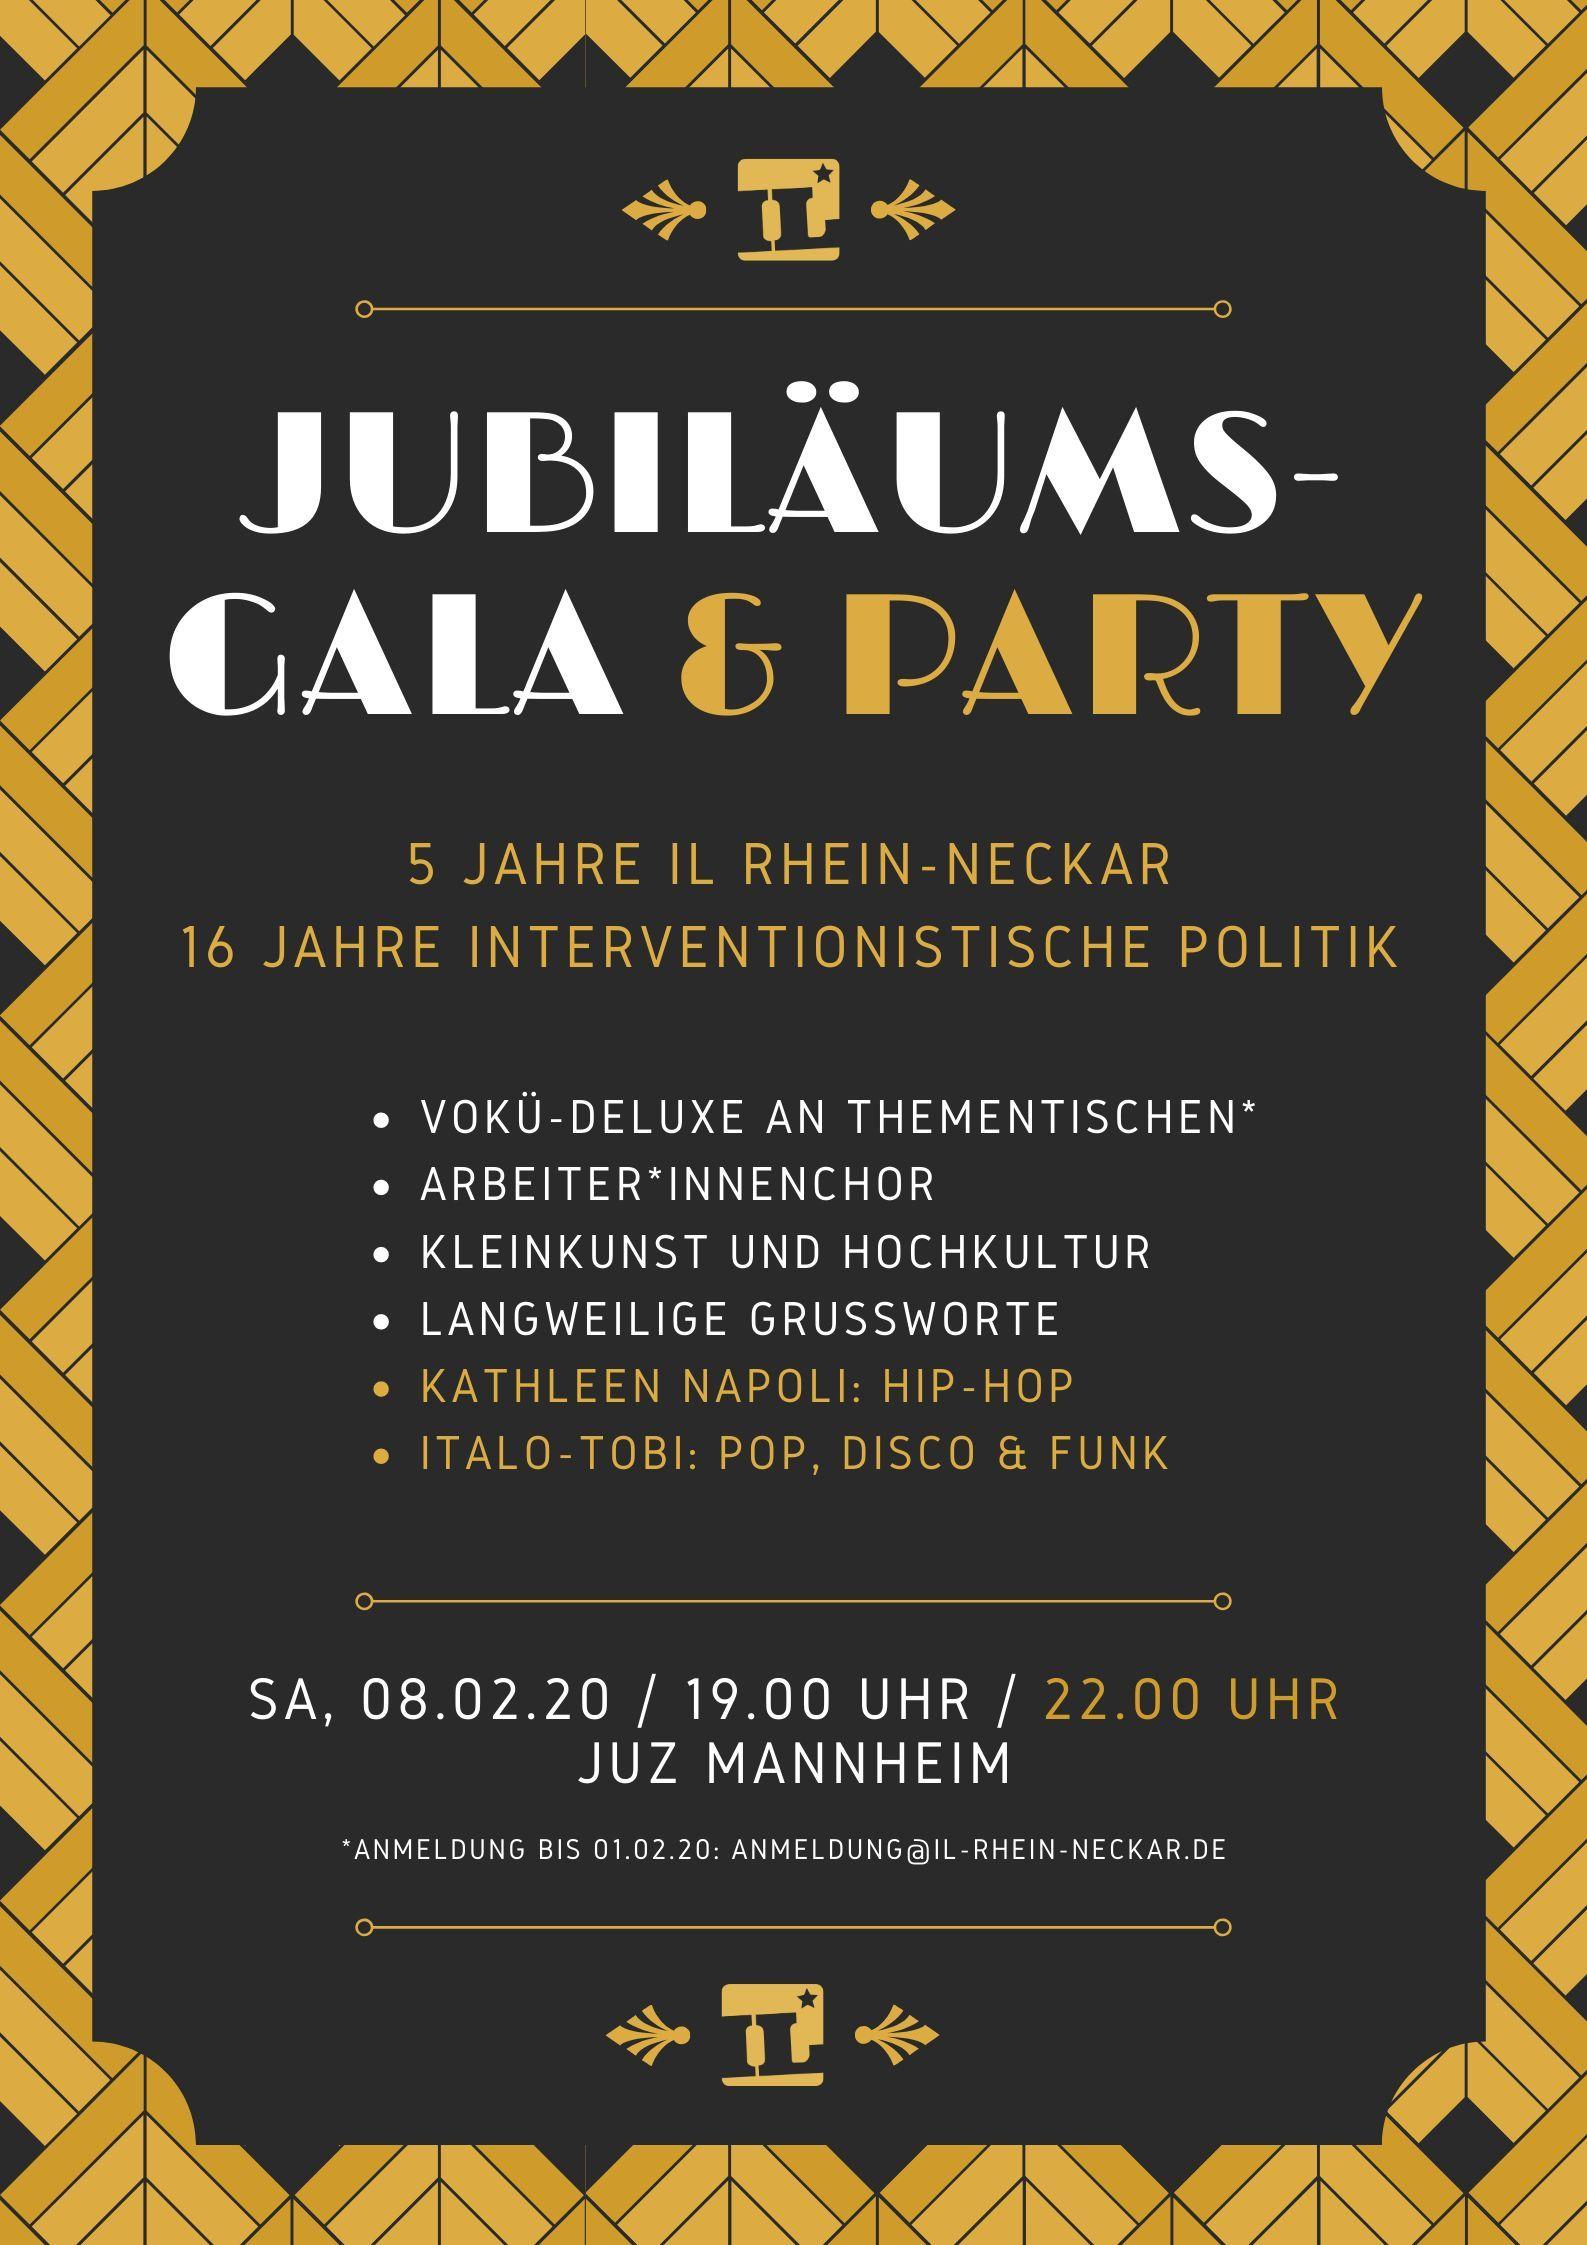 Jubiläumsgala und Party - 5 Jahre IL Rhein-Neckar 16 Jahre interventionistische Politik - Samstag 8. Februar 2020 im JUZ Mannheim